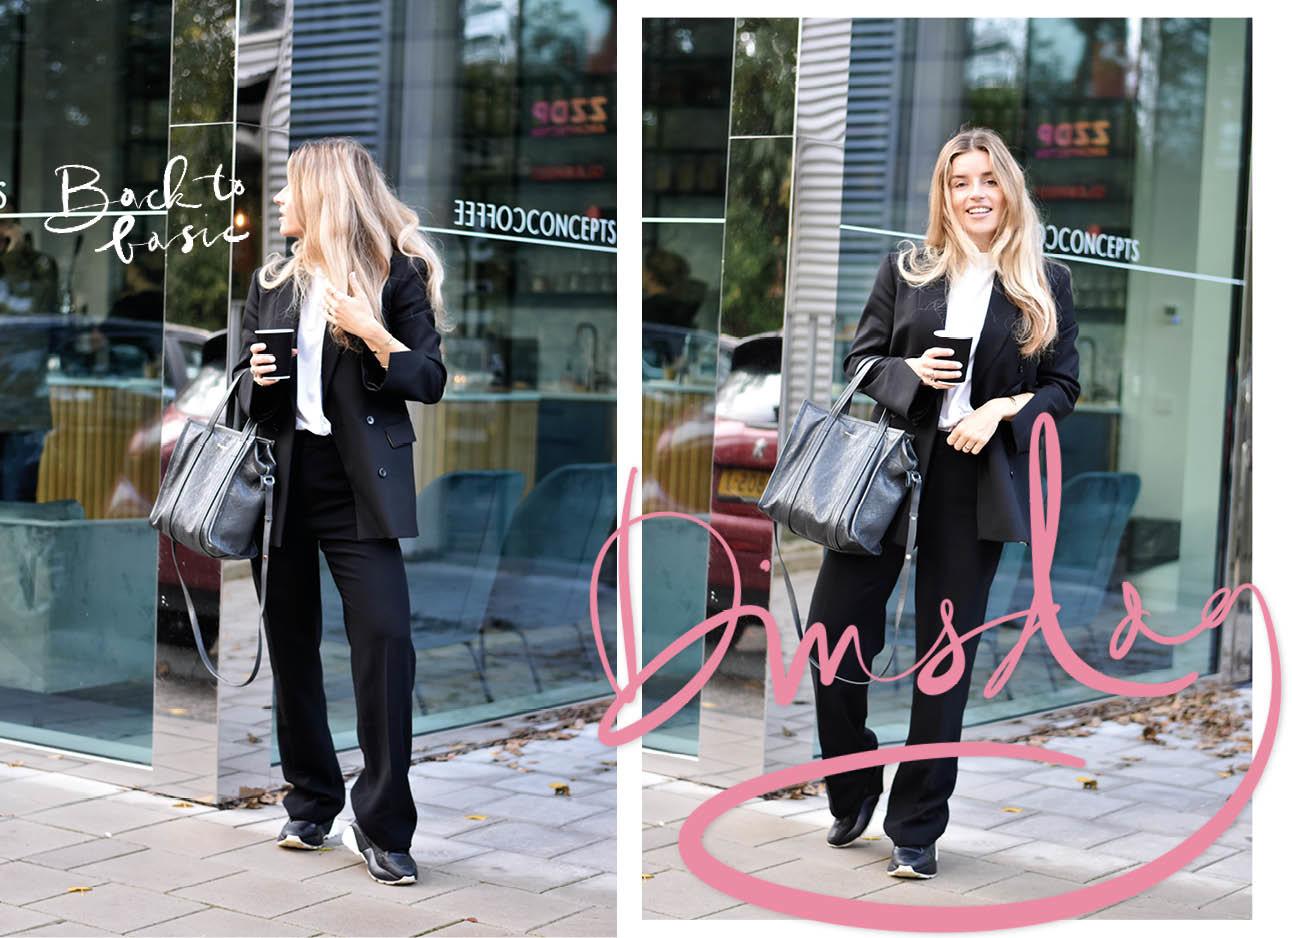 Lotte van Scherpenzeel look of the day zwarte outfit wit tshirt Stella MCcartney gympen filippa k broek Hope tshirt balenciage tas grijs